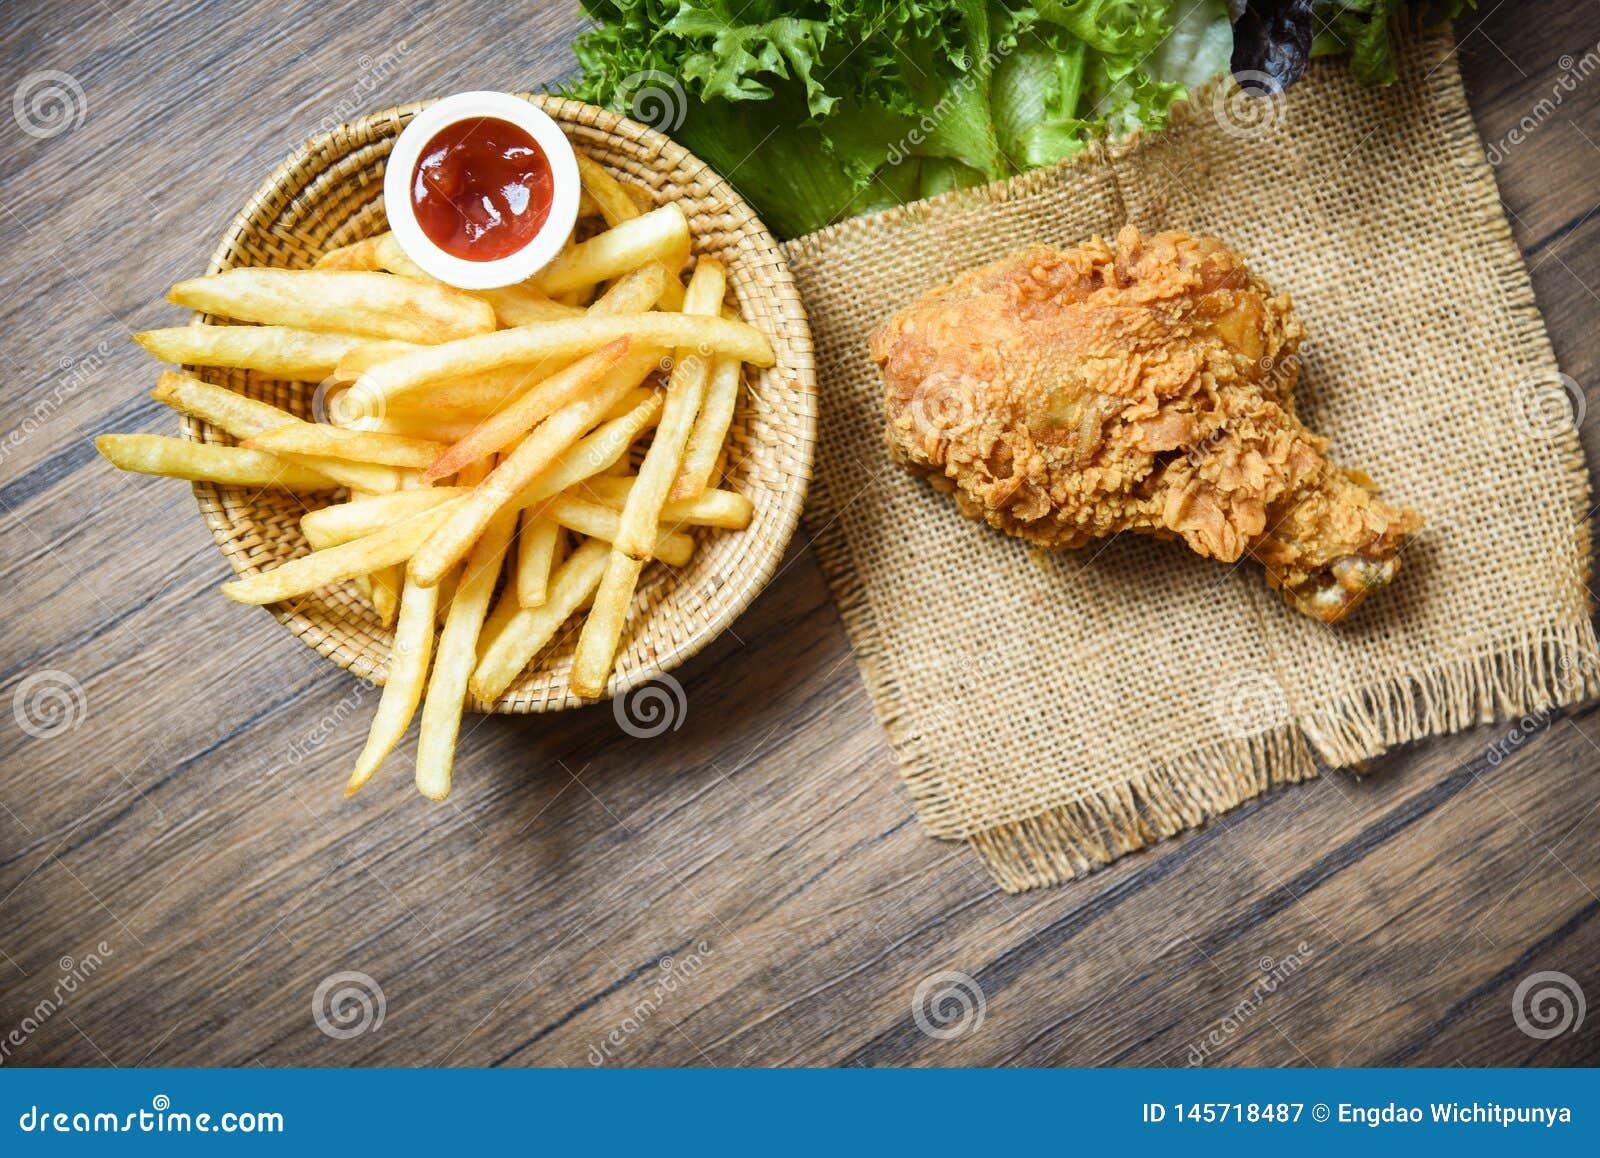 Gebratenes Huhn knusperig und Salatkopfsalatsack mit Pommes-Friteskorbketschup auf hölzernem Speisetischhintergrund